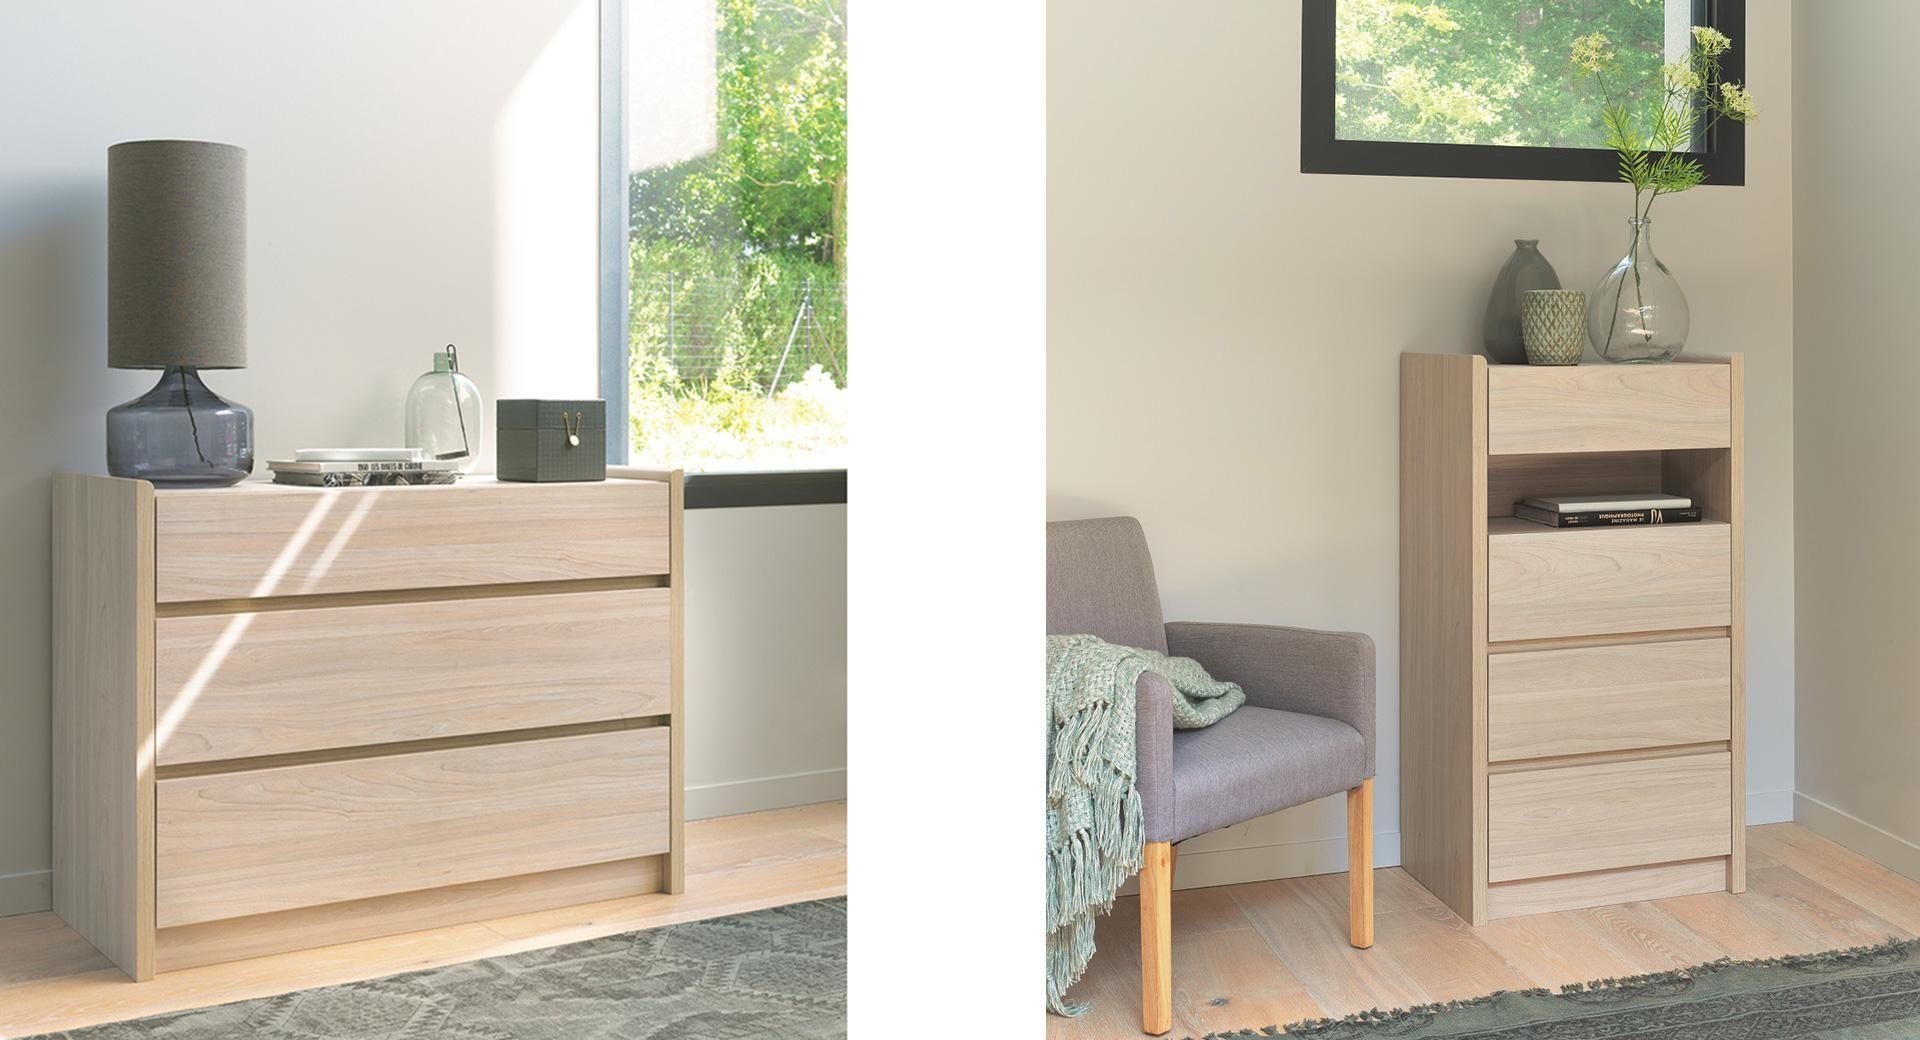 10 Bedroom Celio Furniture Cosy By Gwendolyn Siciliano